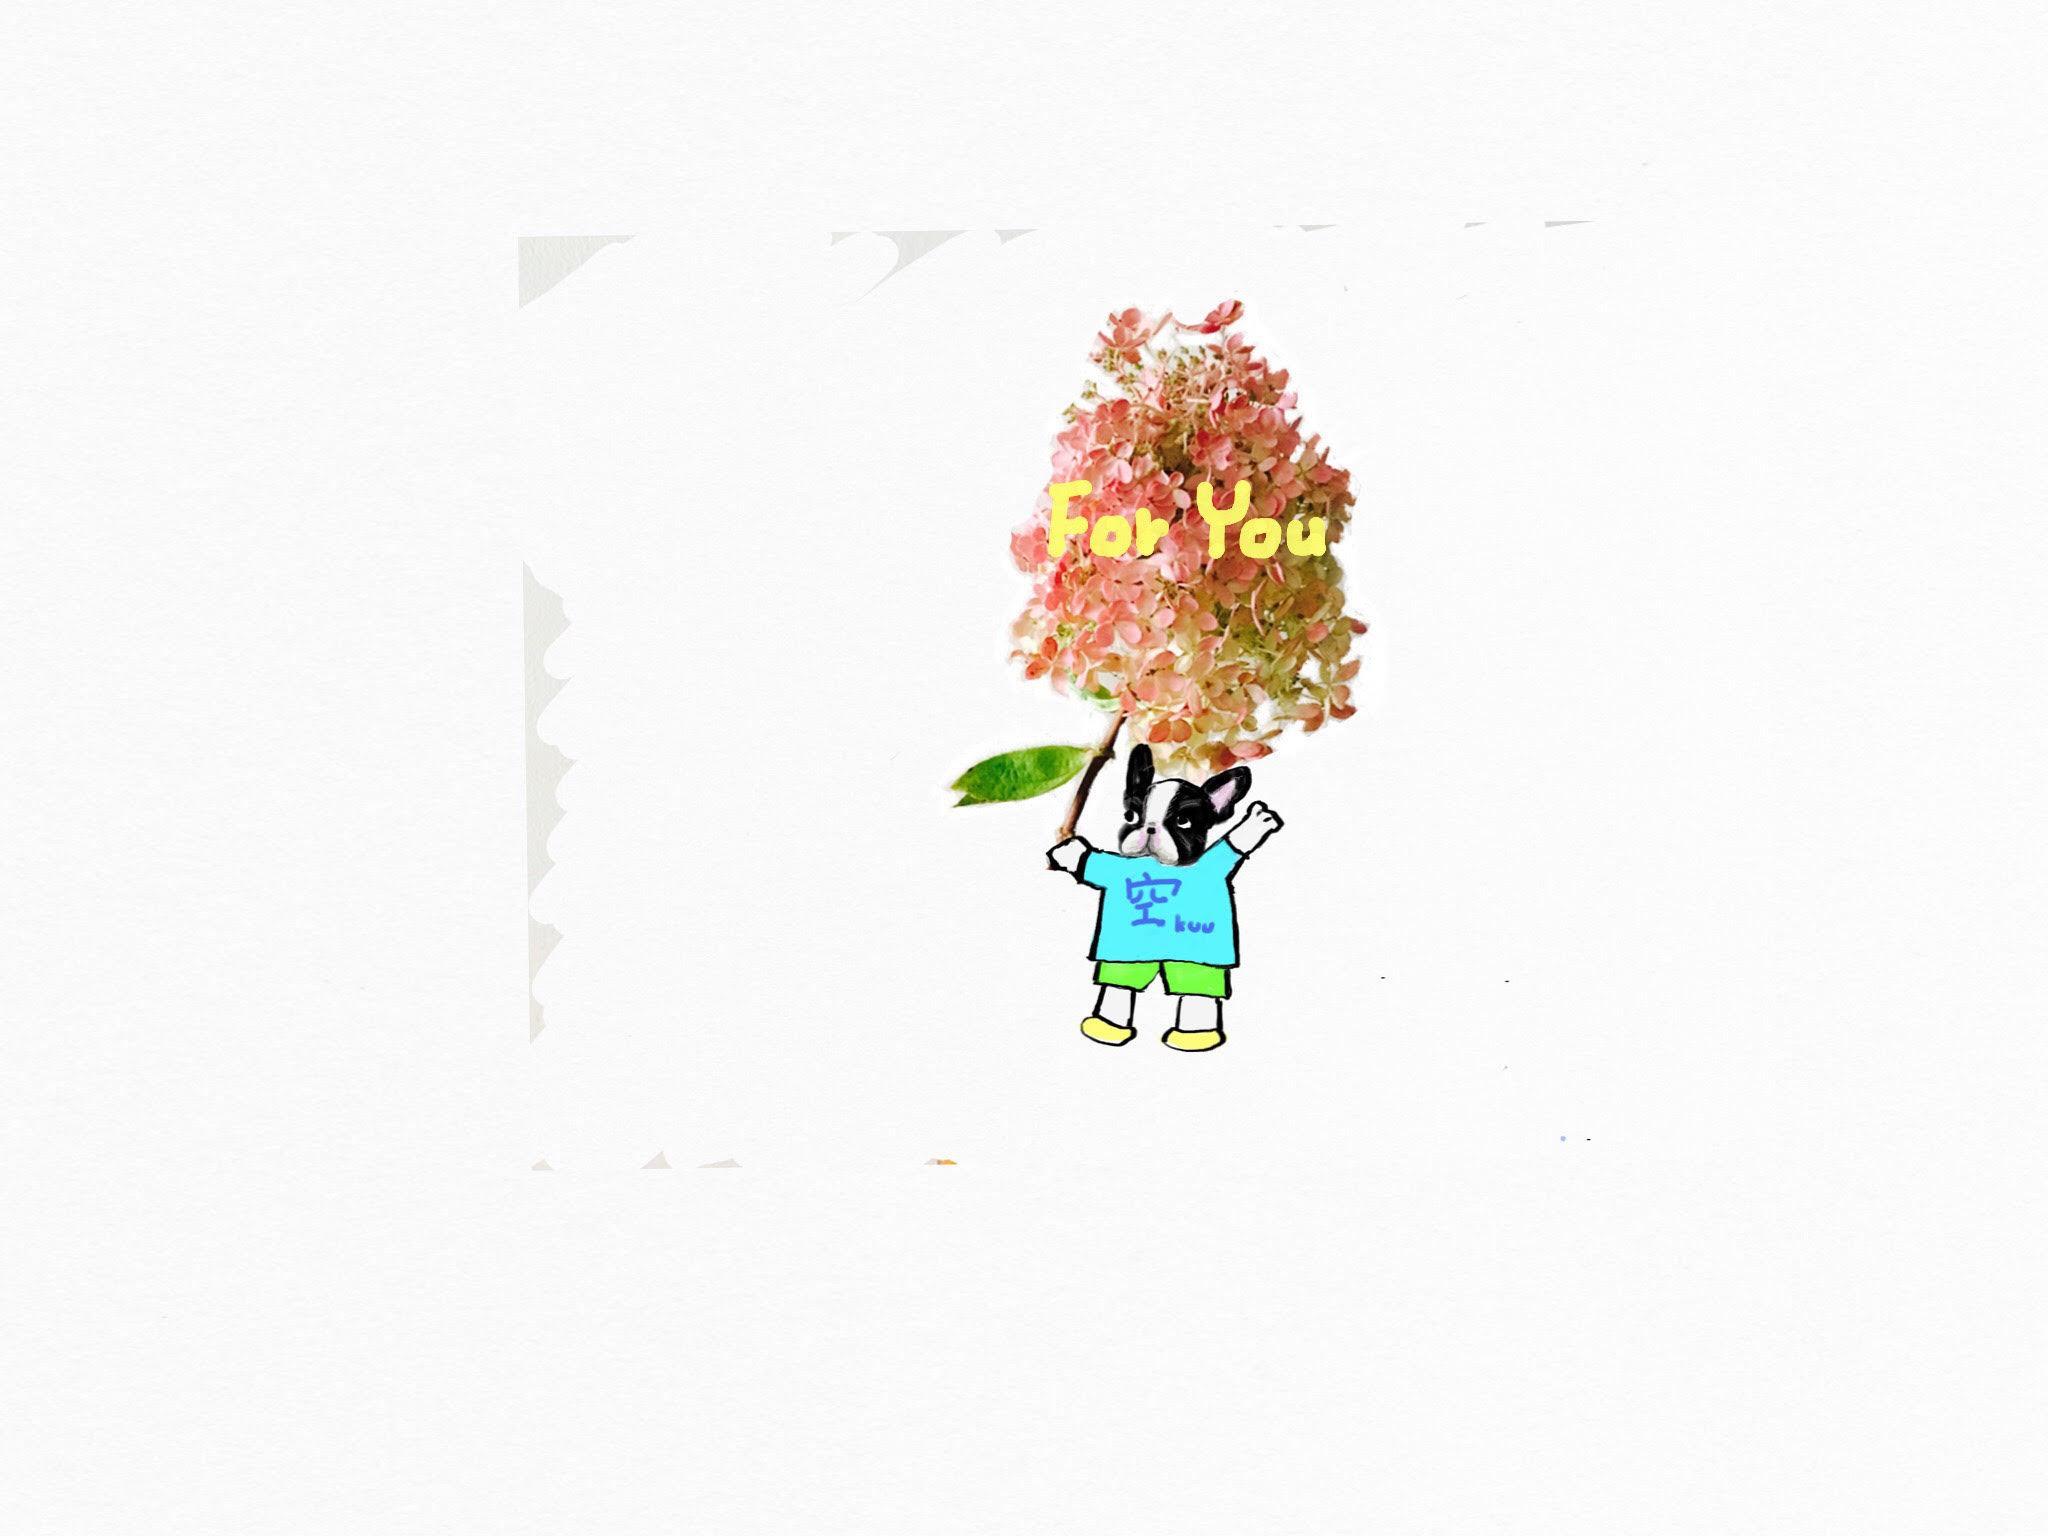 b0307951_23130628.jpg